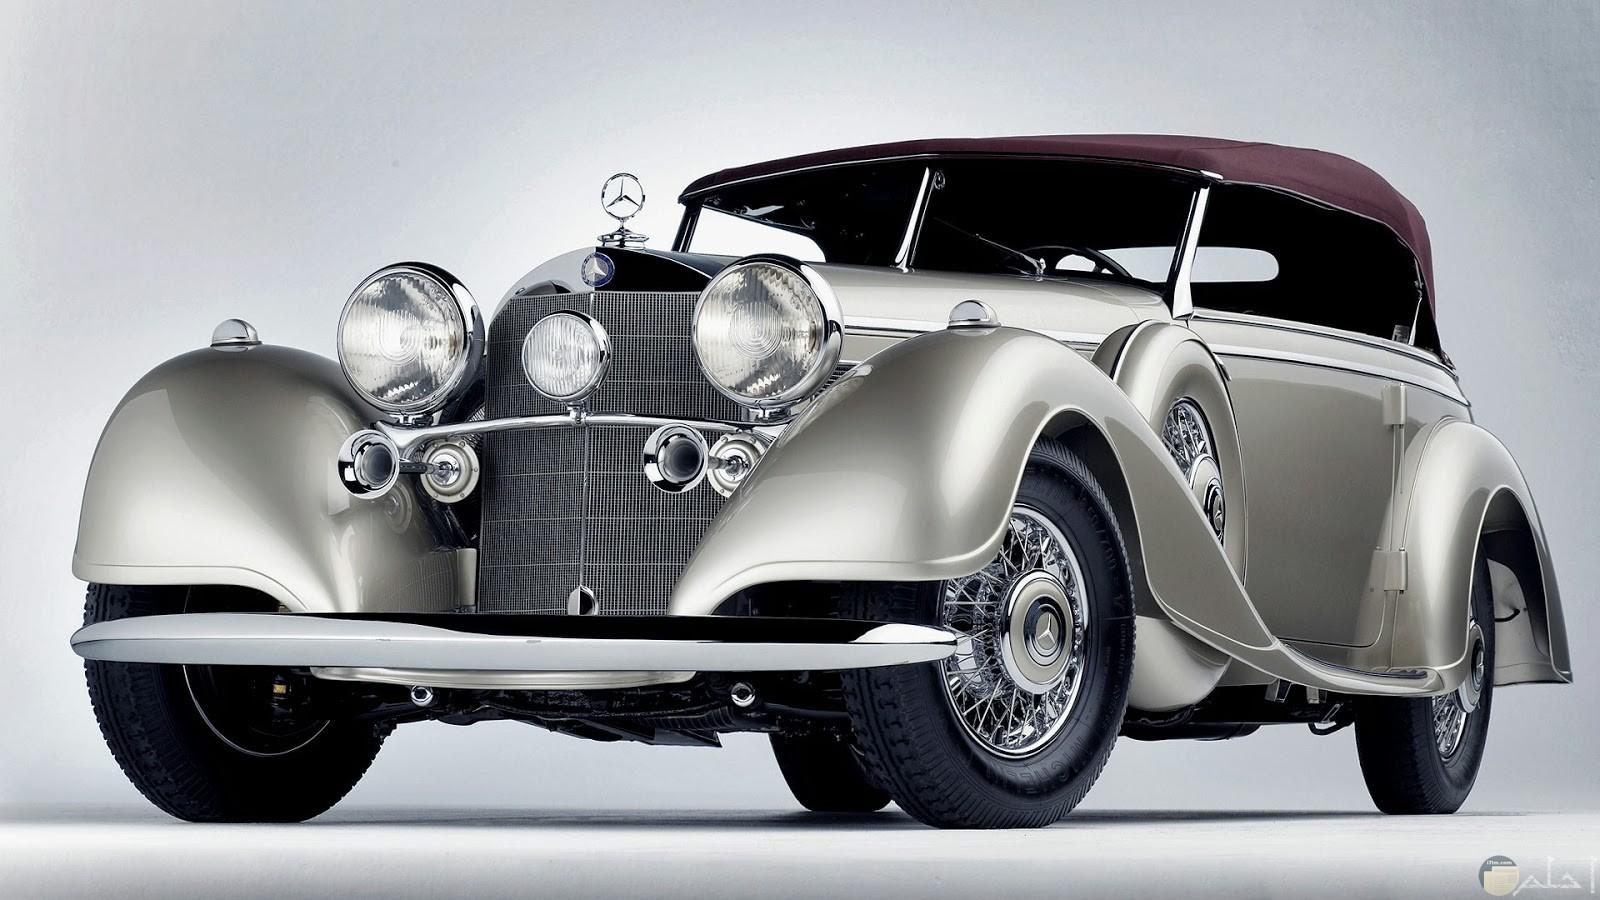 سيارة مرسيدس قديمة ونادرة بالتصميم القديم الرائع.